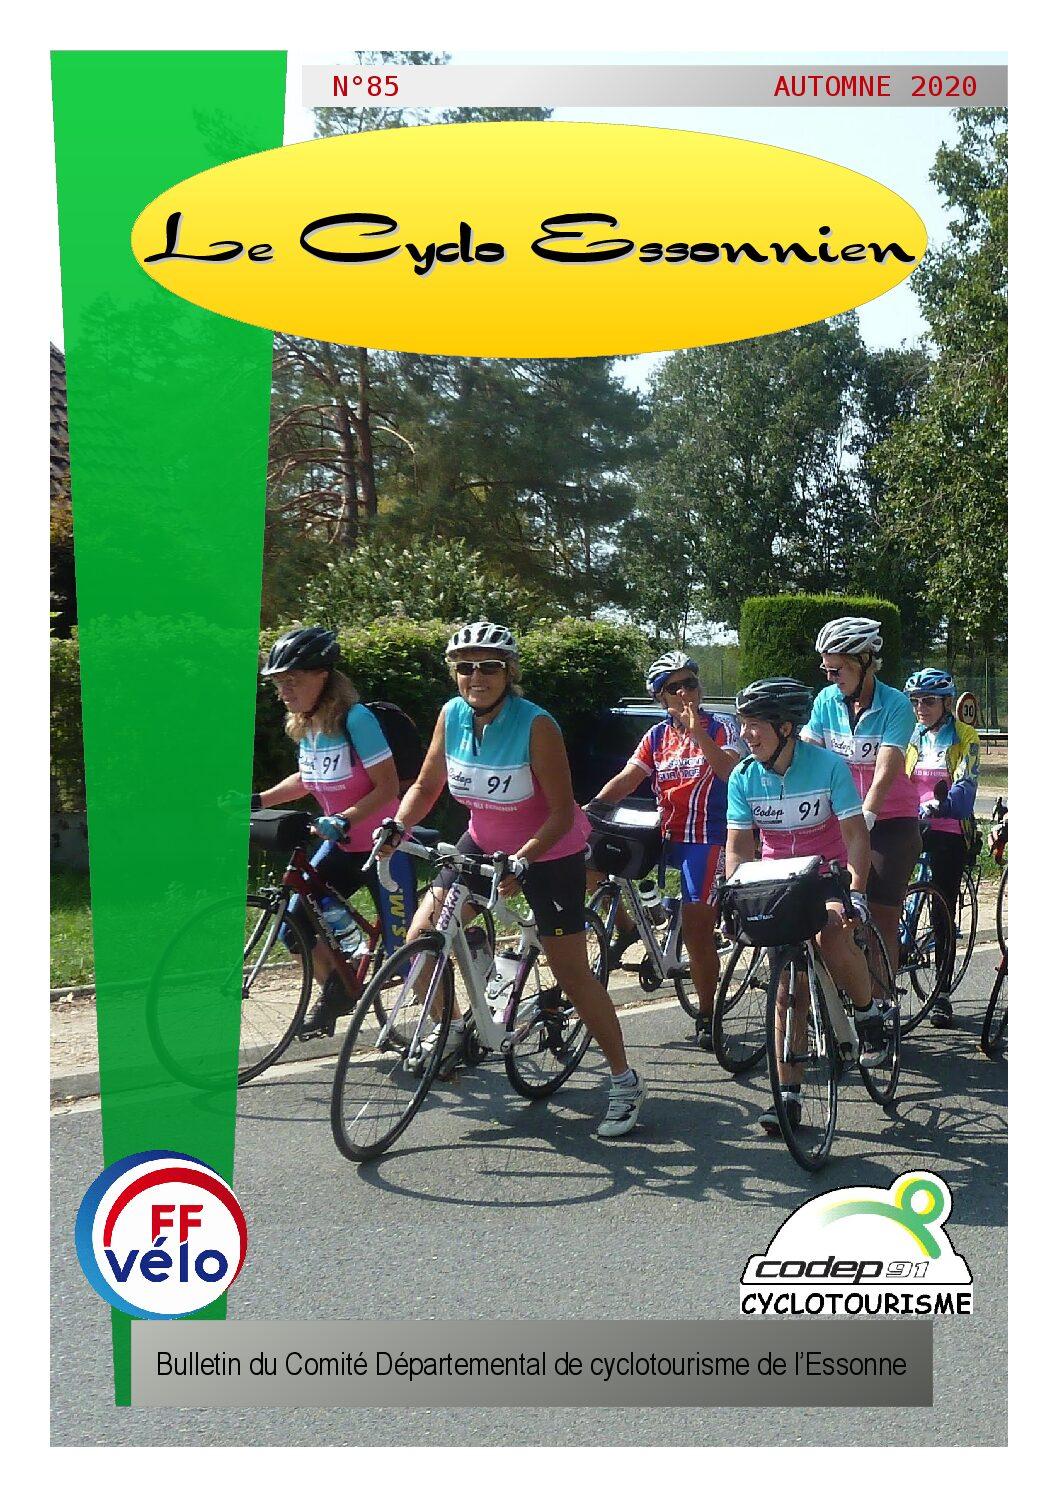 Le Cyclo Essonnien n°85